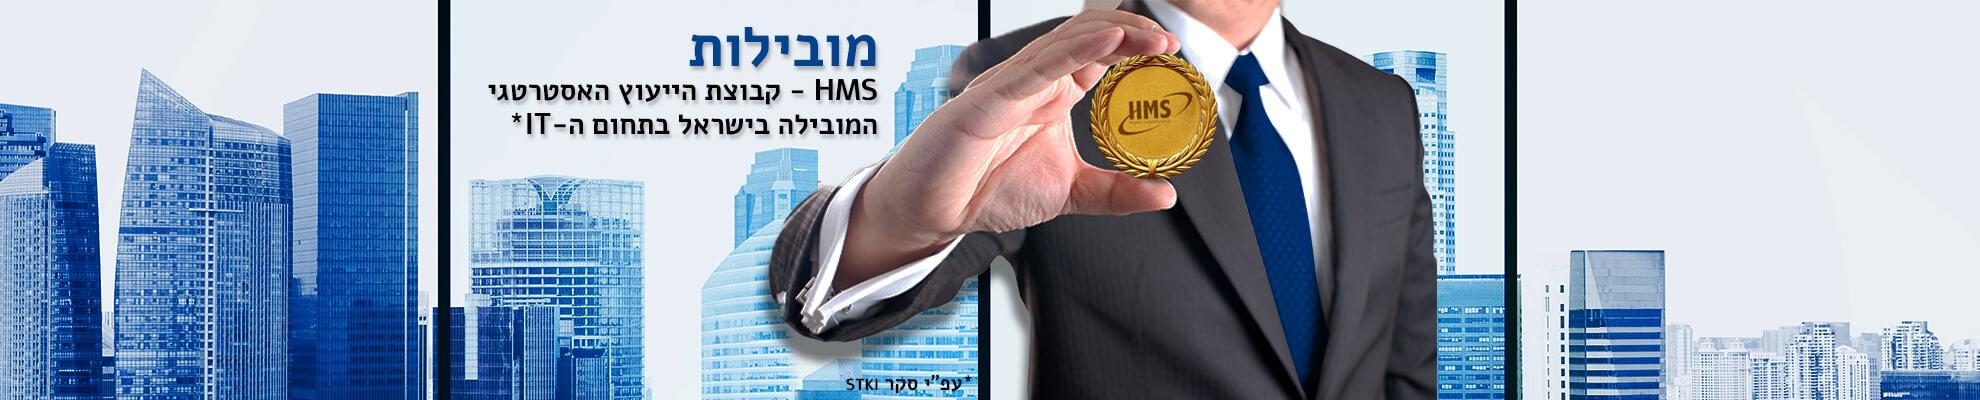 קבוצת הייעוץ האסטרטגי המובילה בישראל